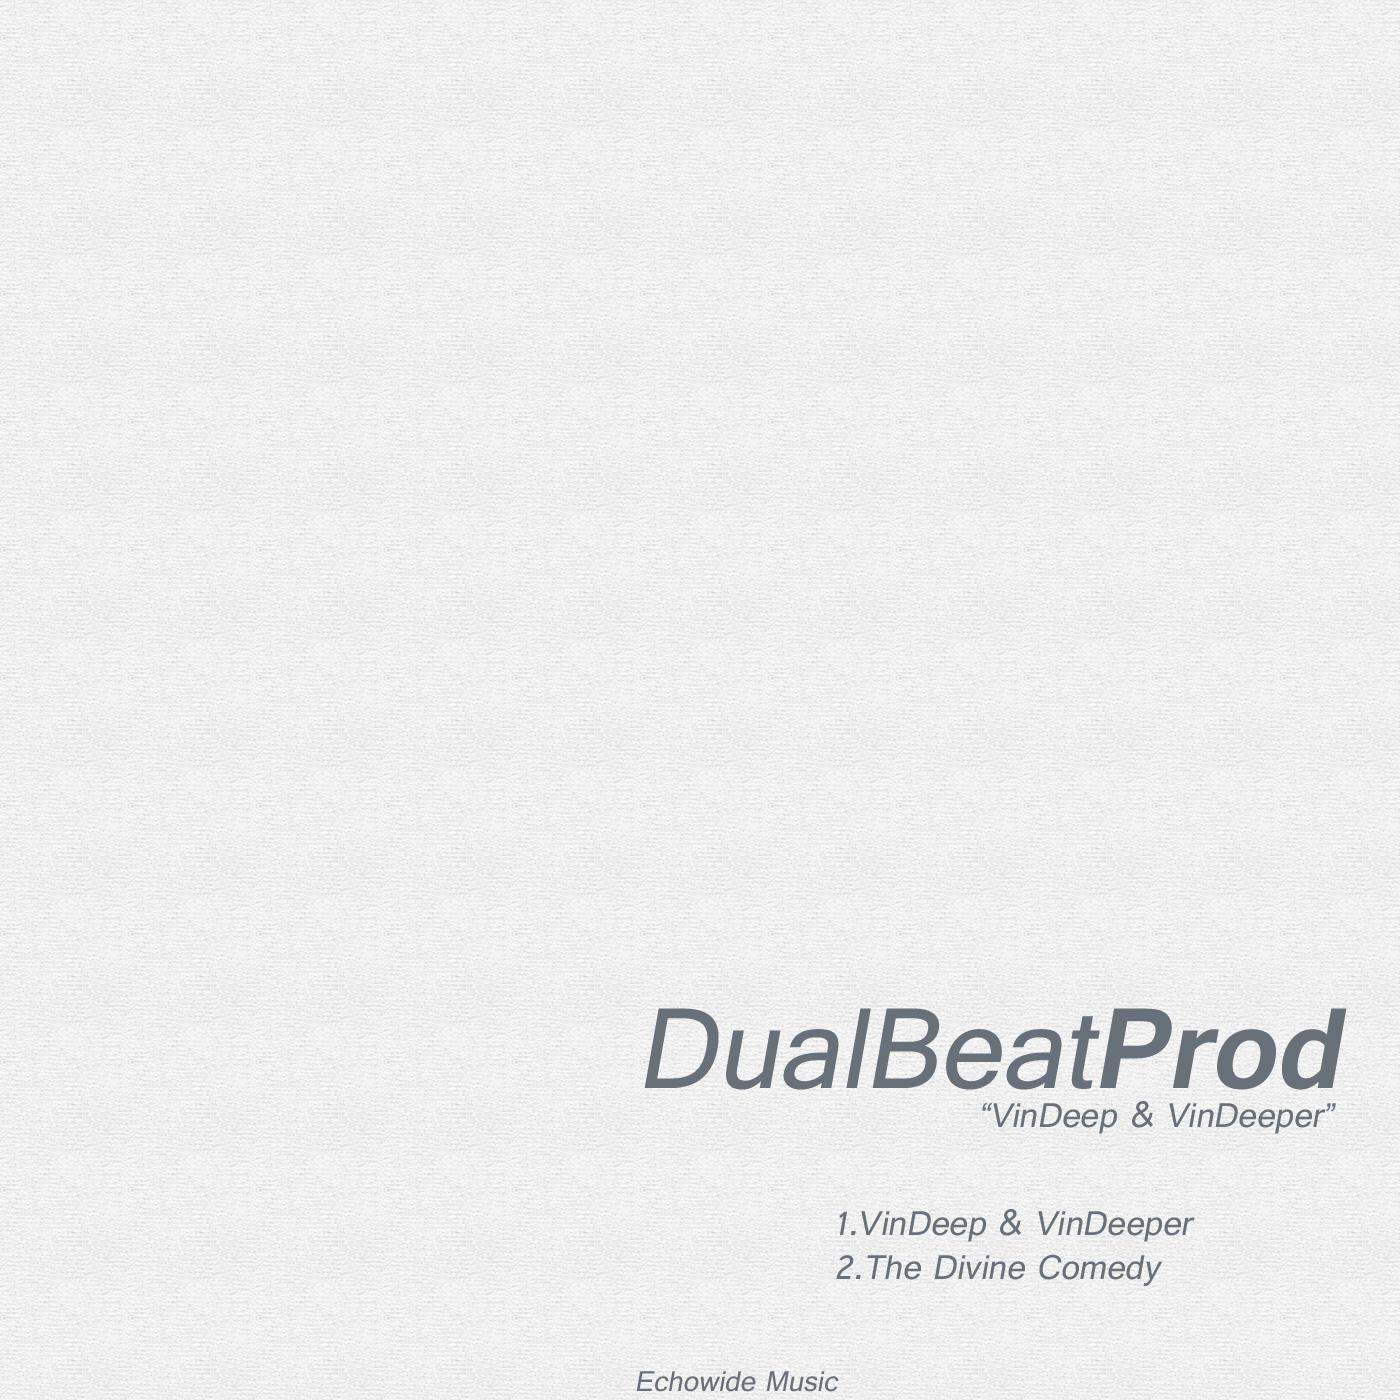 Dualbeatprodfront